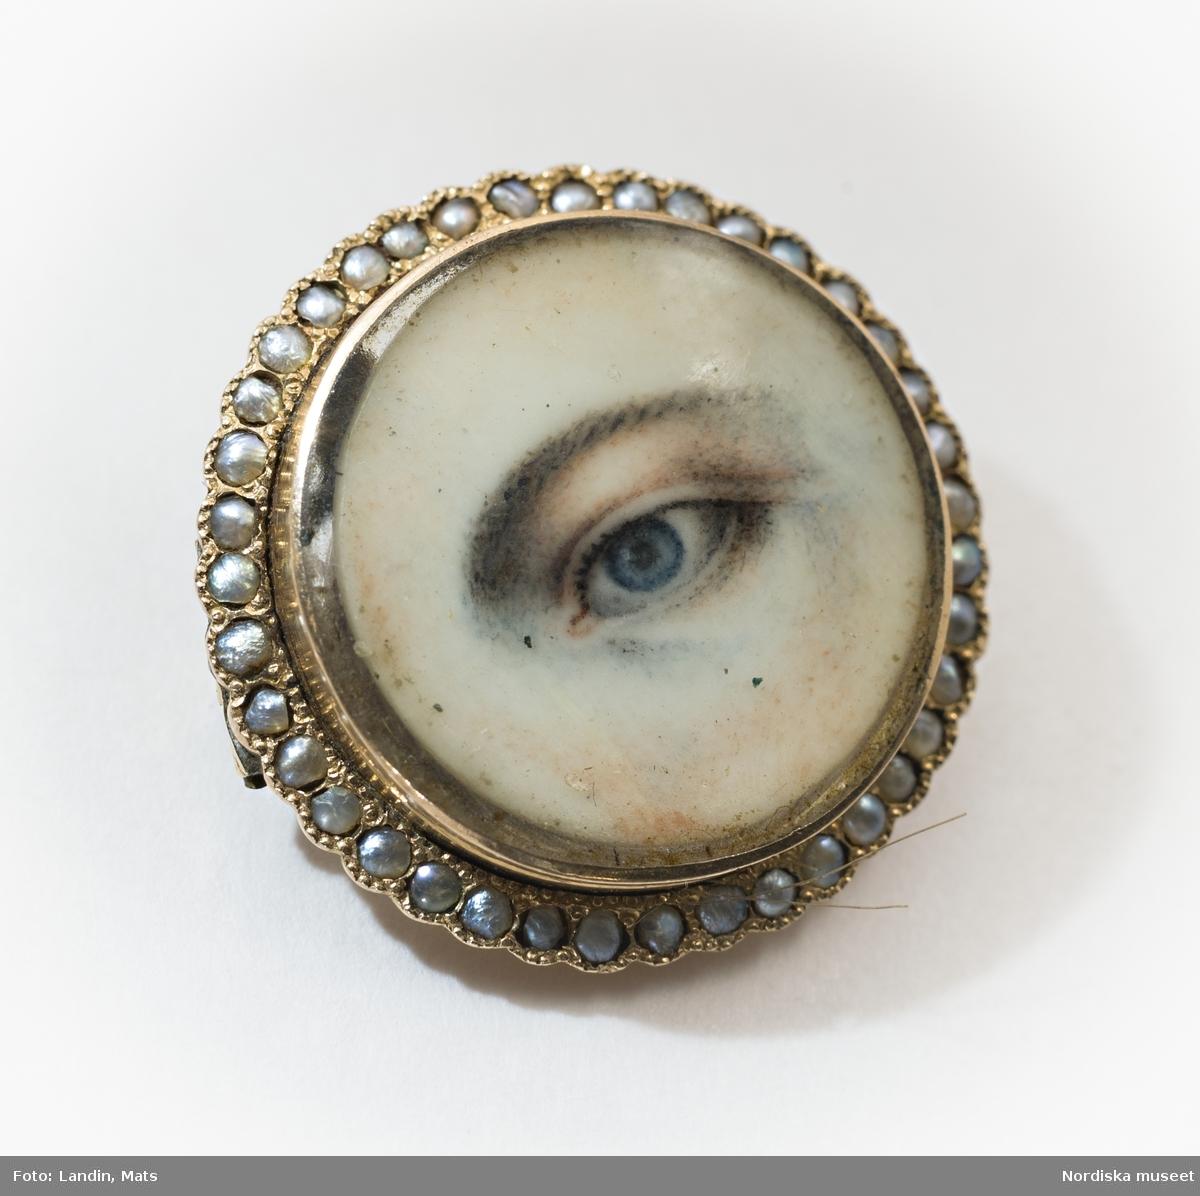 Hårlock under tunn benplatta med målat öga.